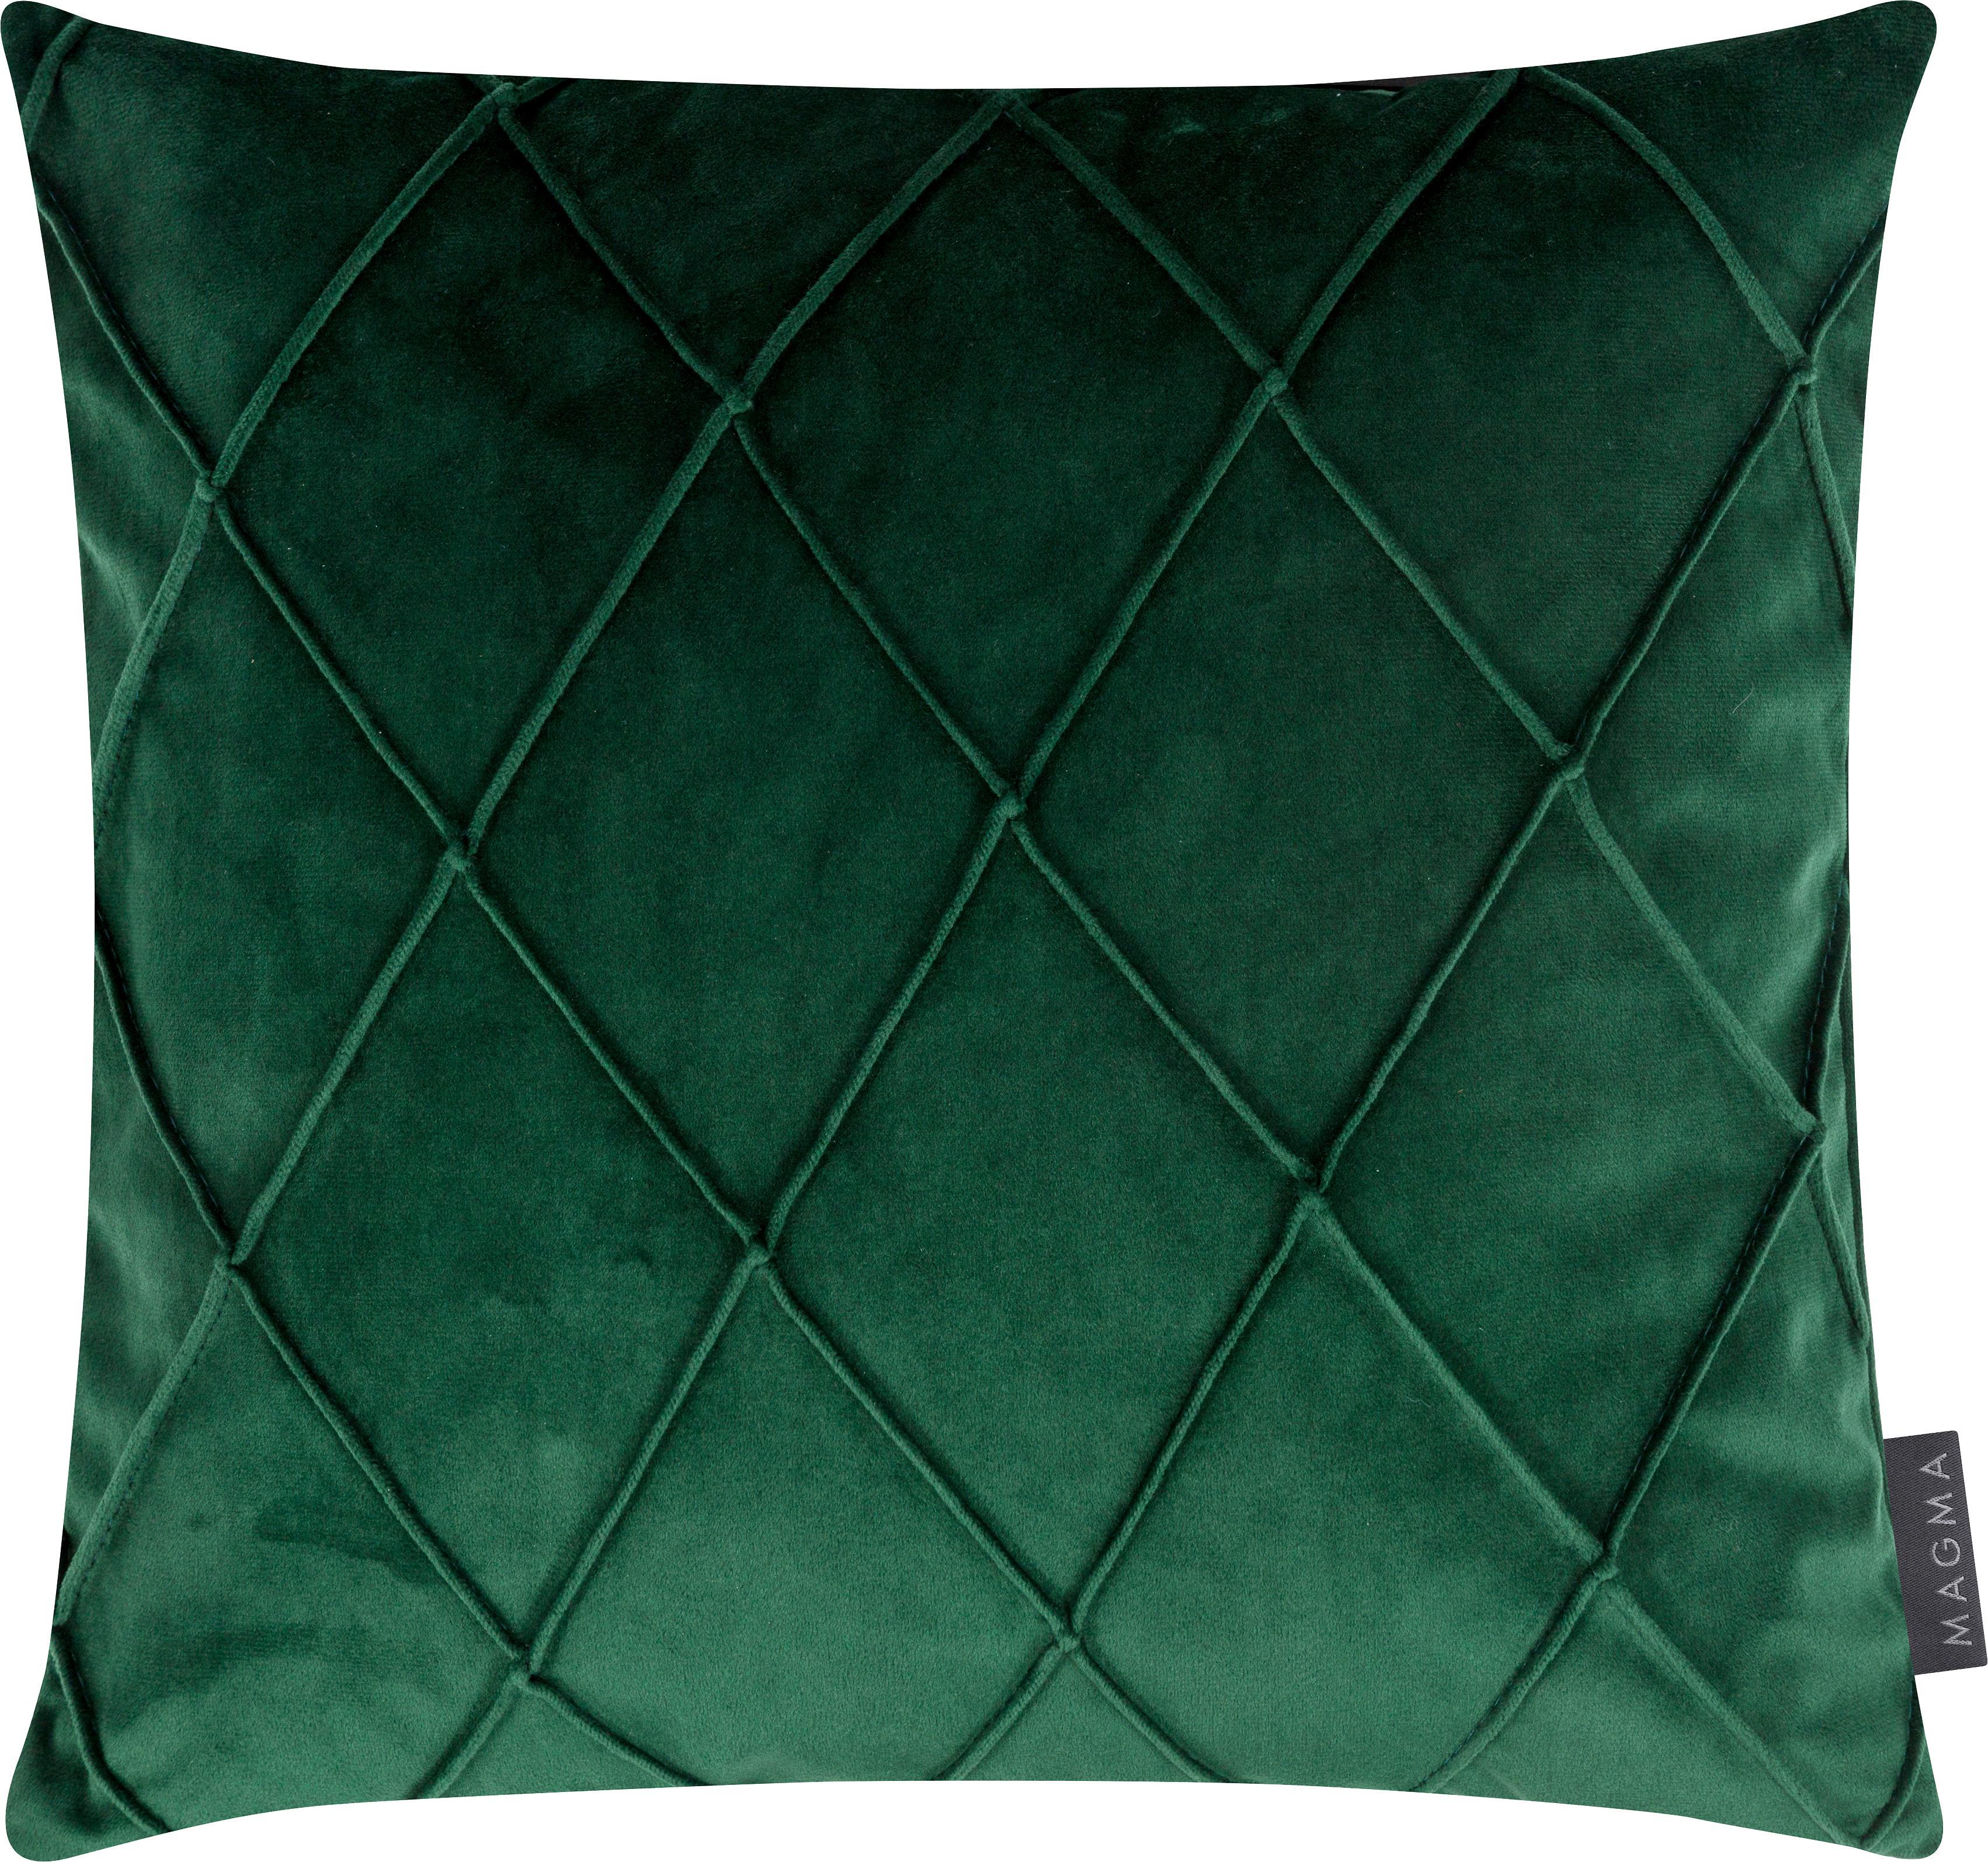 Federa arredo in velluto con motivo a rombi Nobless, 100% velluto di poliestere, Verde, Larg. 40 x Lung. 40 cm